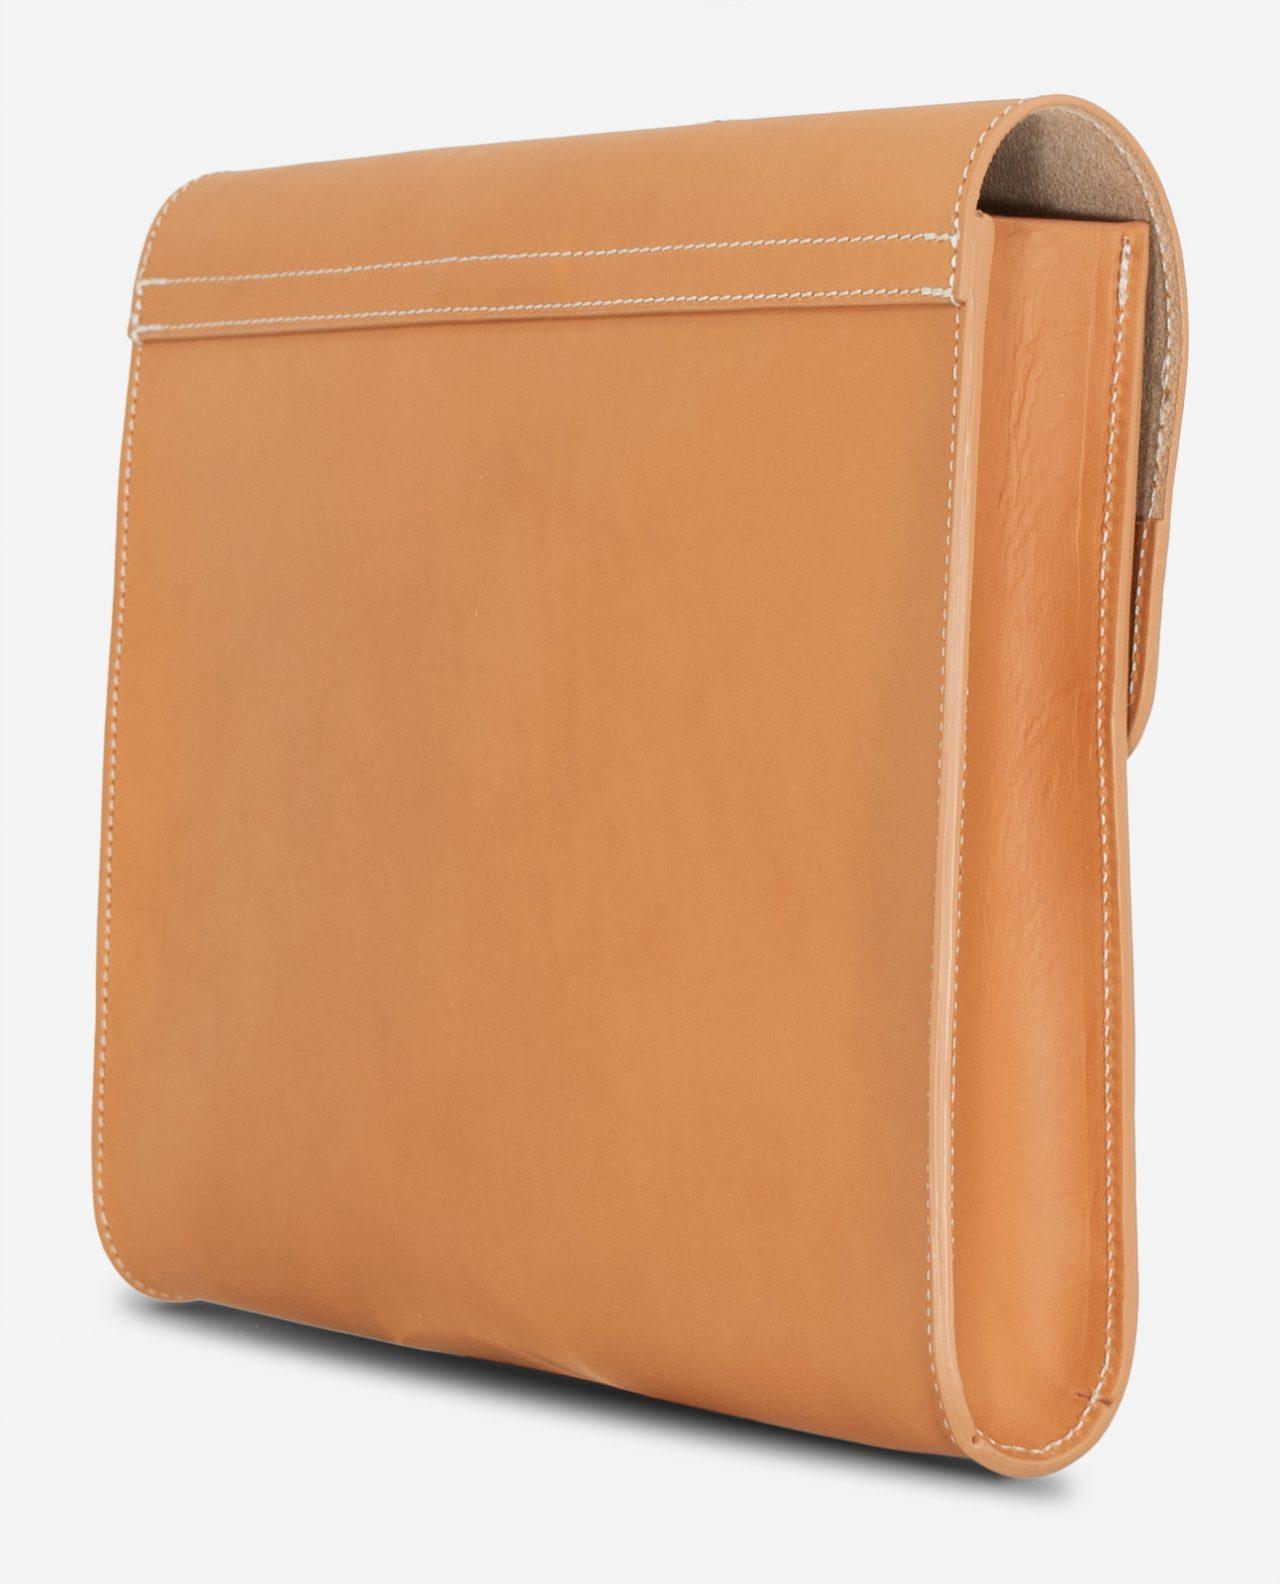 Pochette artisanale en cuir beige de dos.